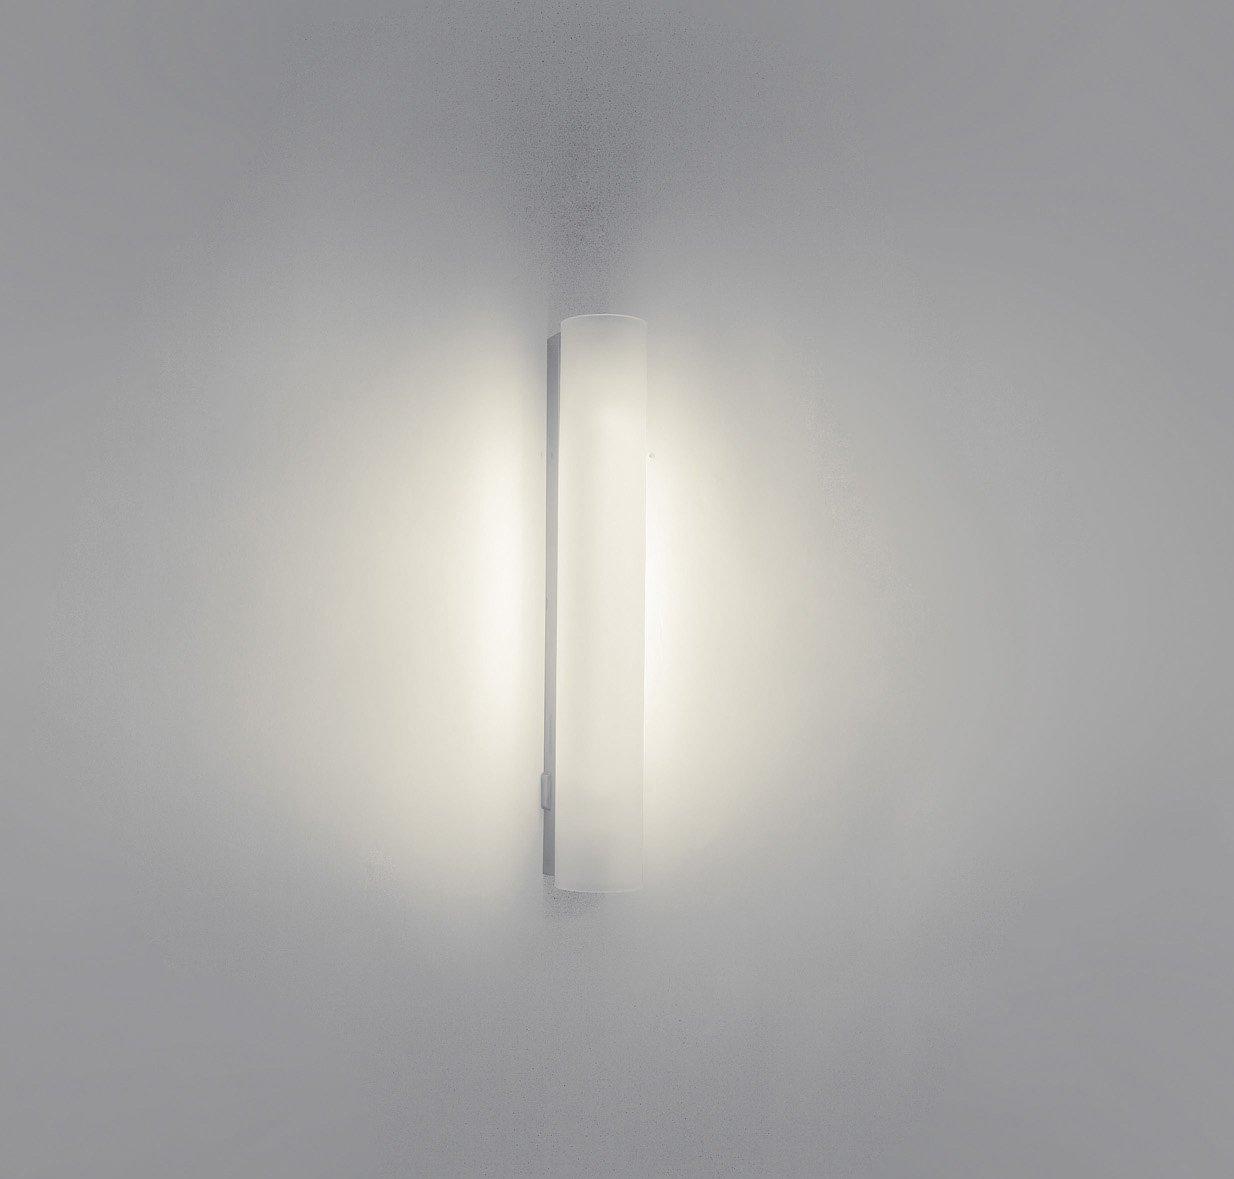 Includes 1 x 8 Watts G5 Bulb Philips MyBathroom Vitalise Bathroom Wall Light Chrome